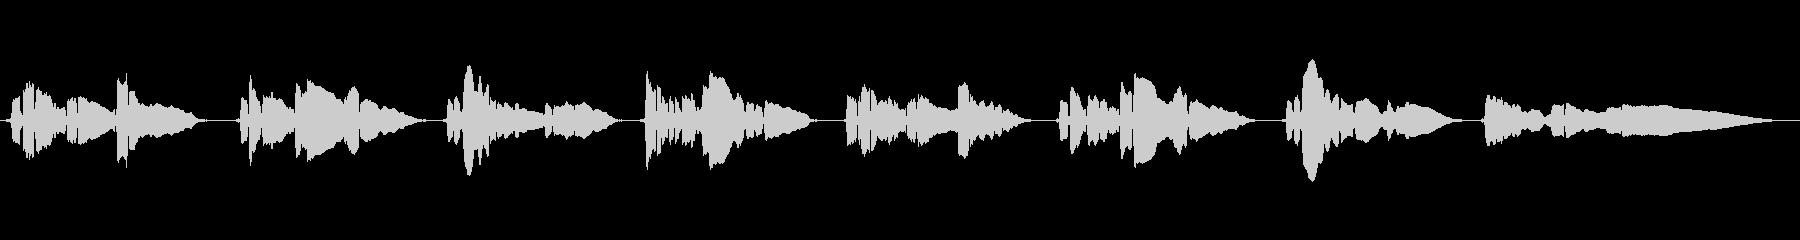 悲しいメロディーのサックスの曲です。の未再生の波形